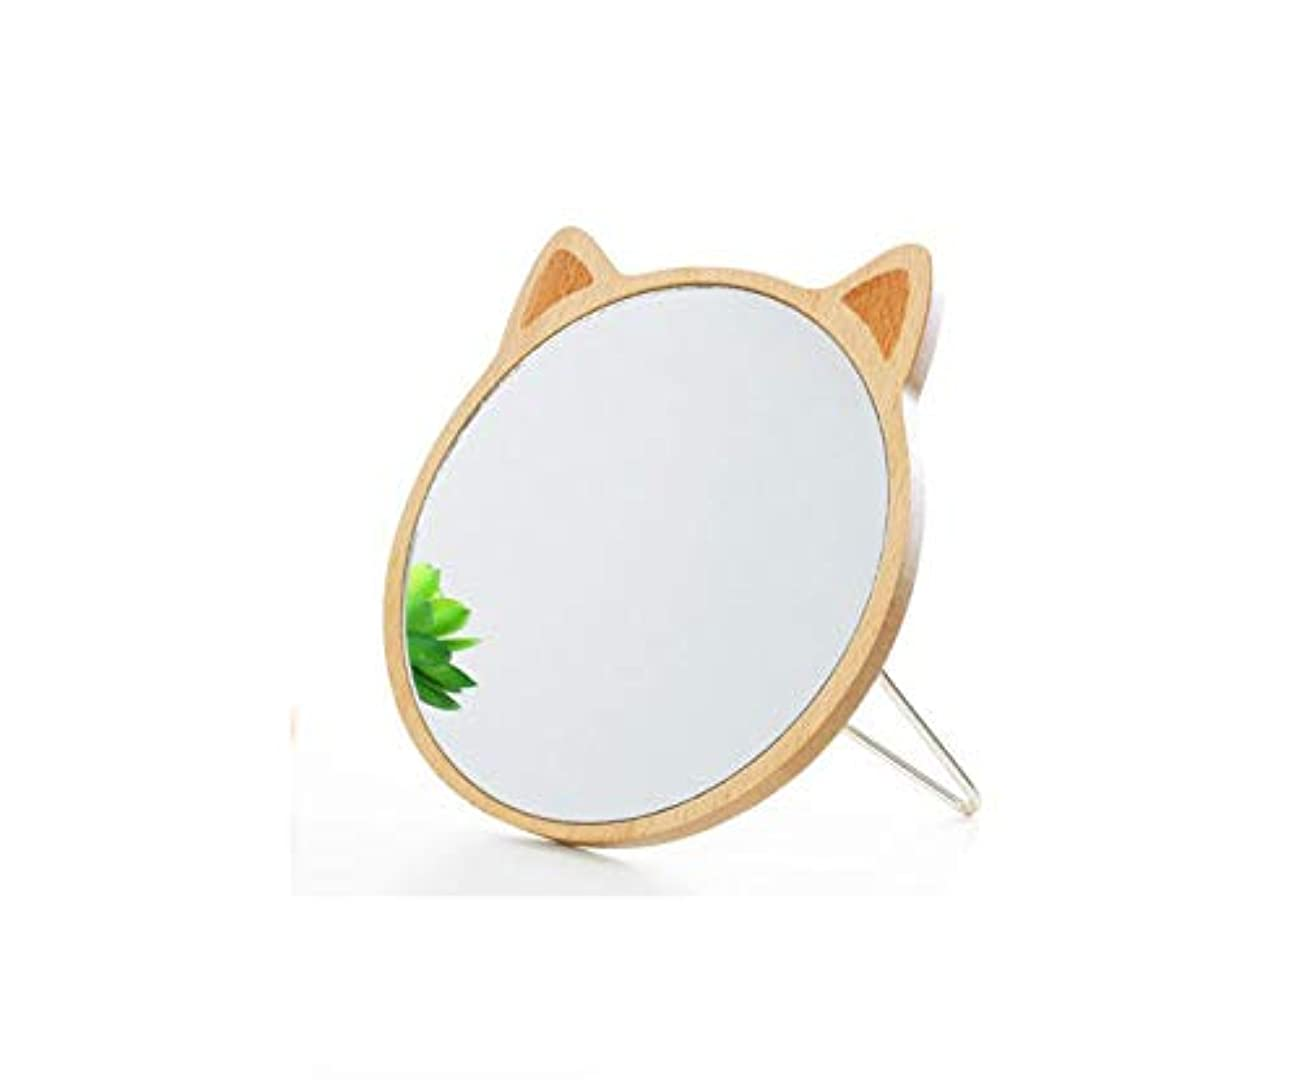 日曜日ミリメートルチョコレート化粧鏡、かわいい丸い猫の耳木製化粧鏡化粧ギフト